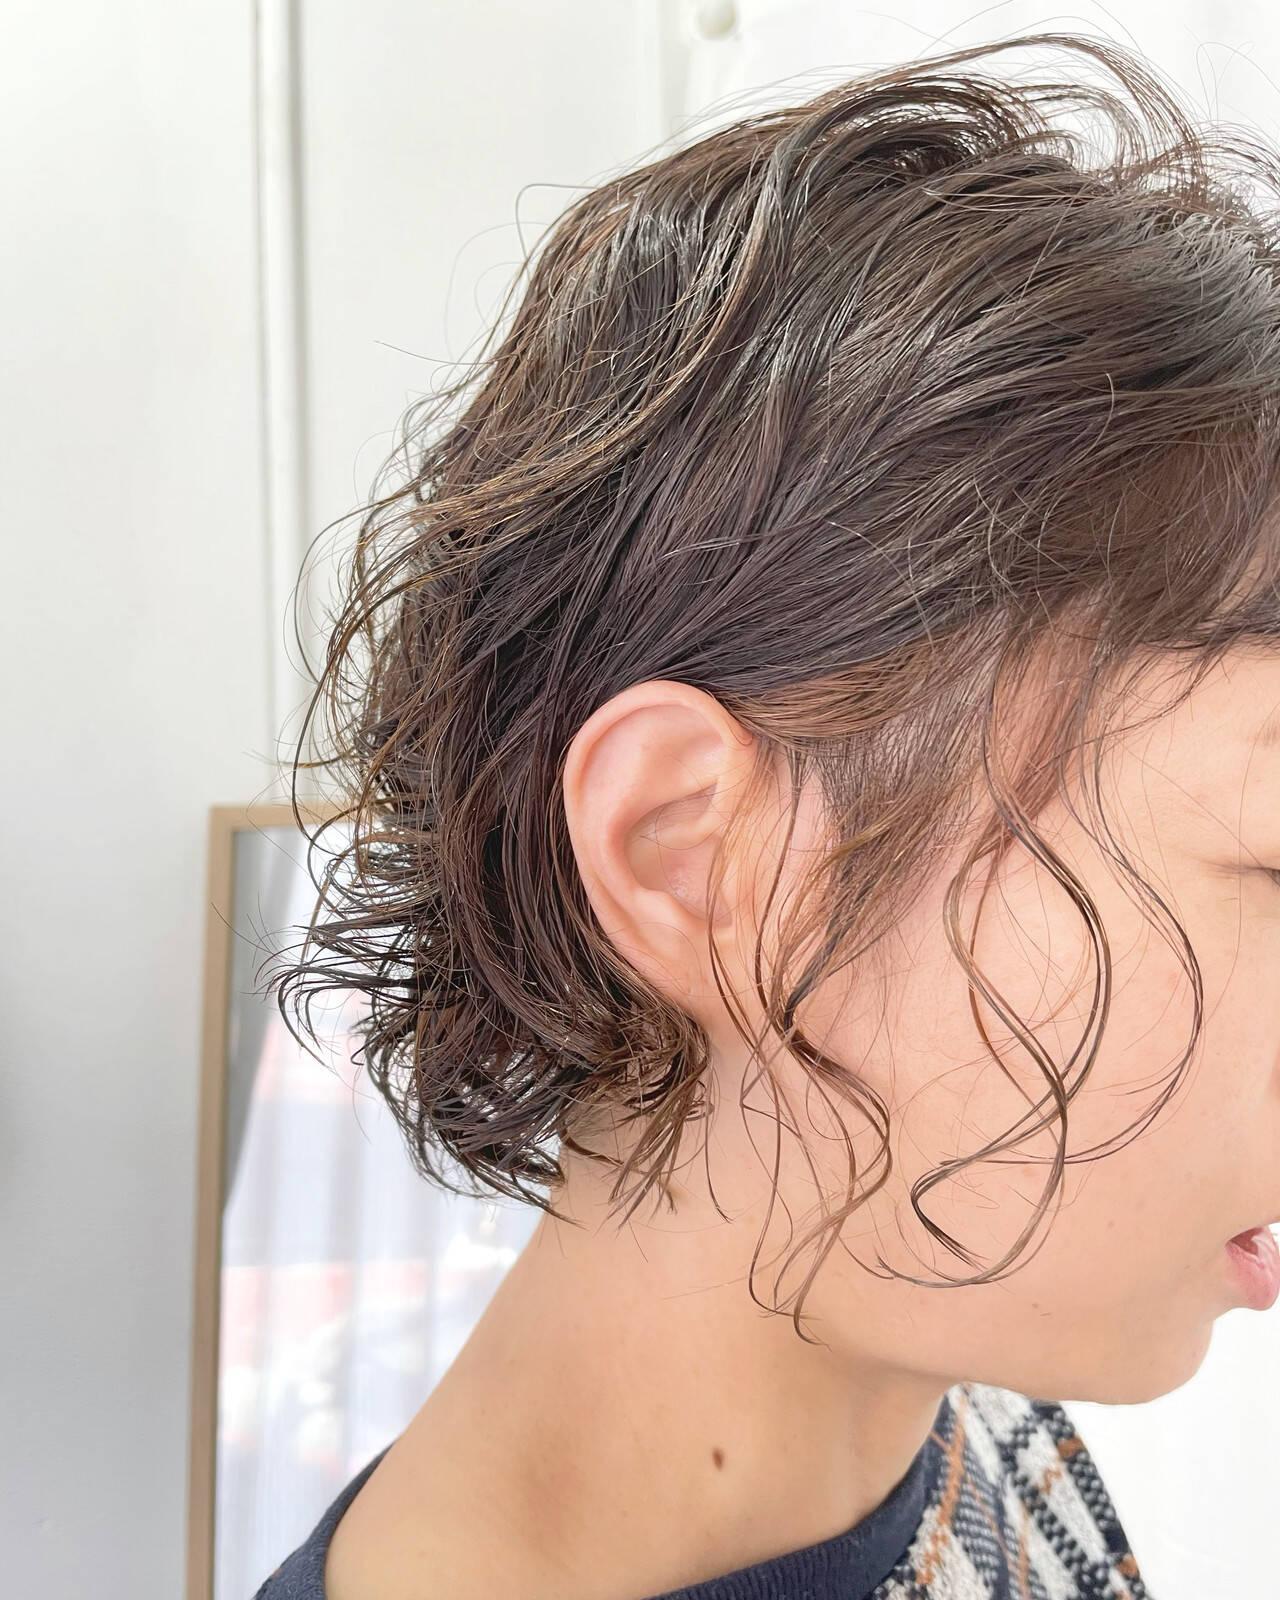 インナーカラー モード ボブ ヘアカラーヘアスタイルや髪型の写真・画像